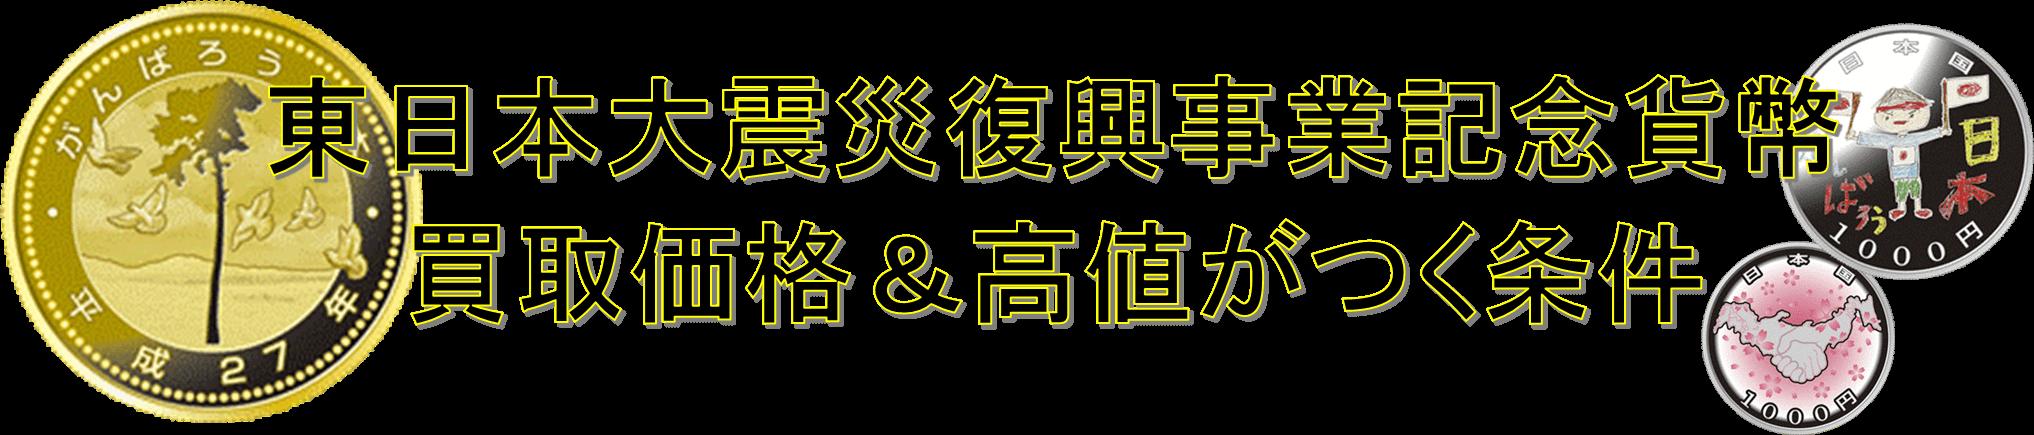 東日本大震災復興事業記念貨幣の買取価格は?高値がつく条件も紹介